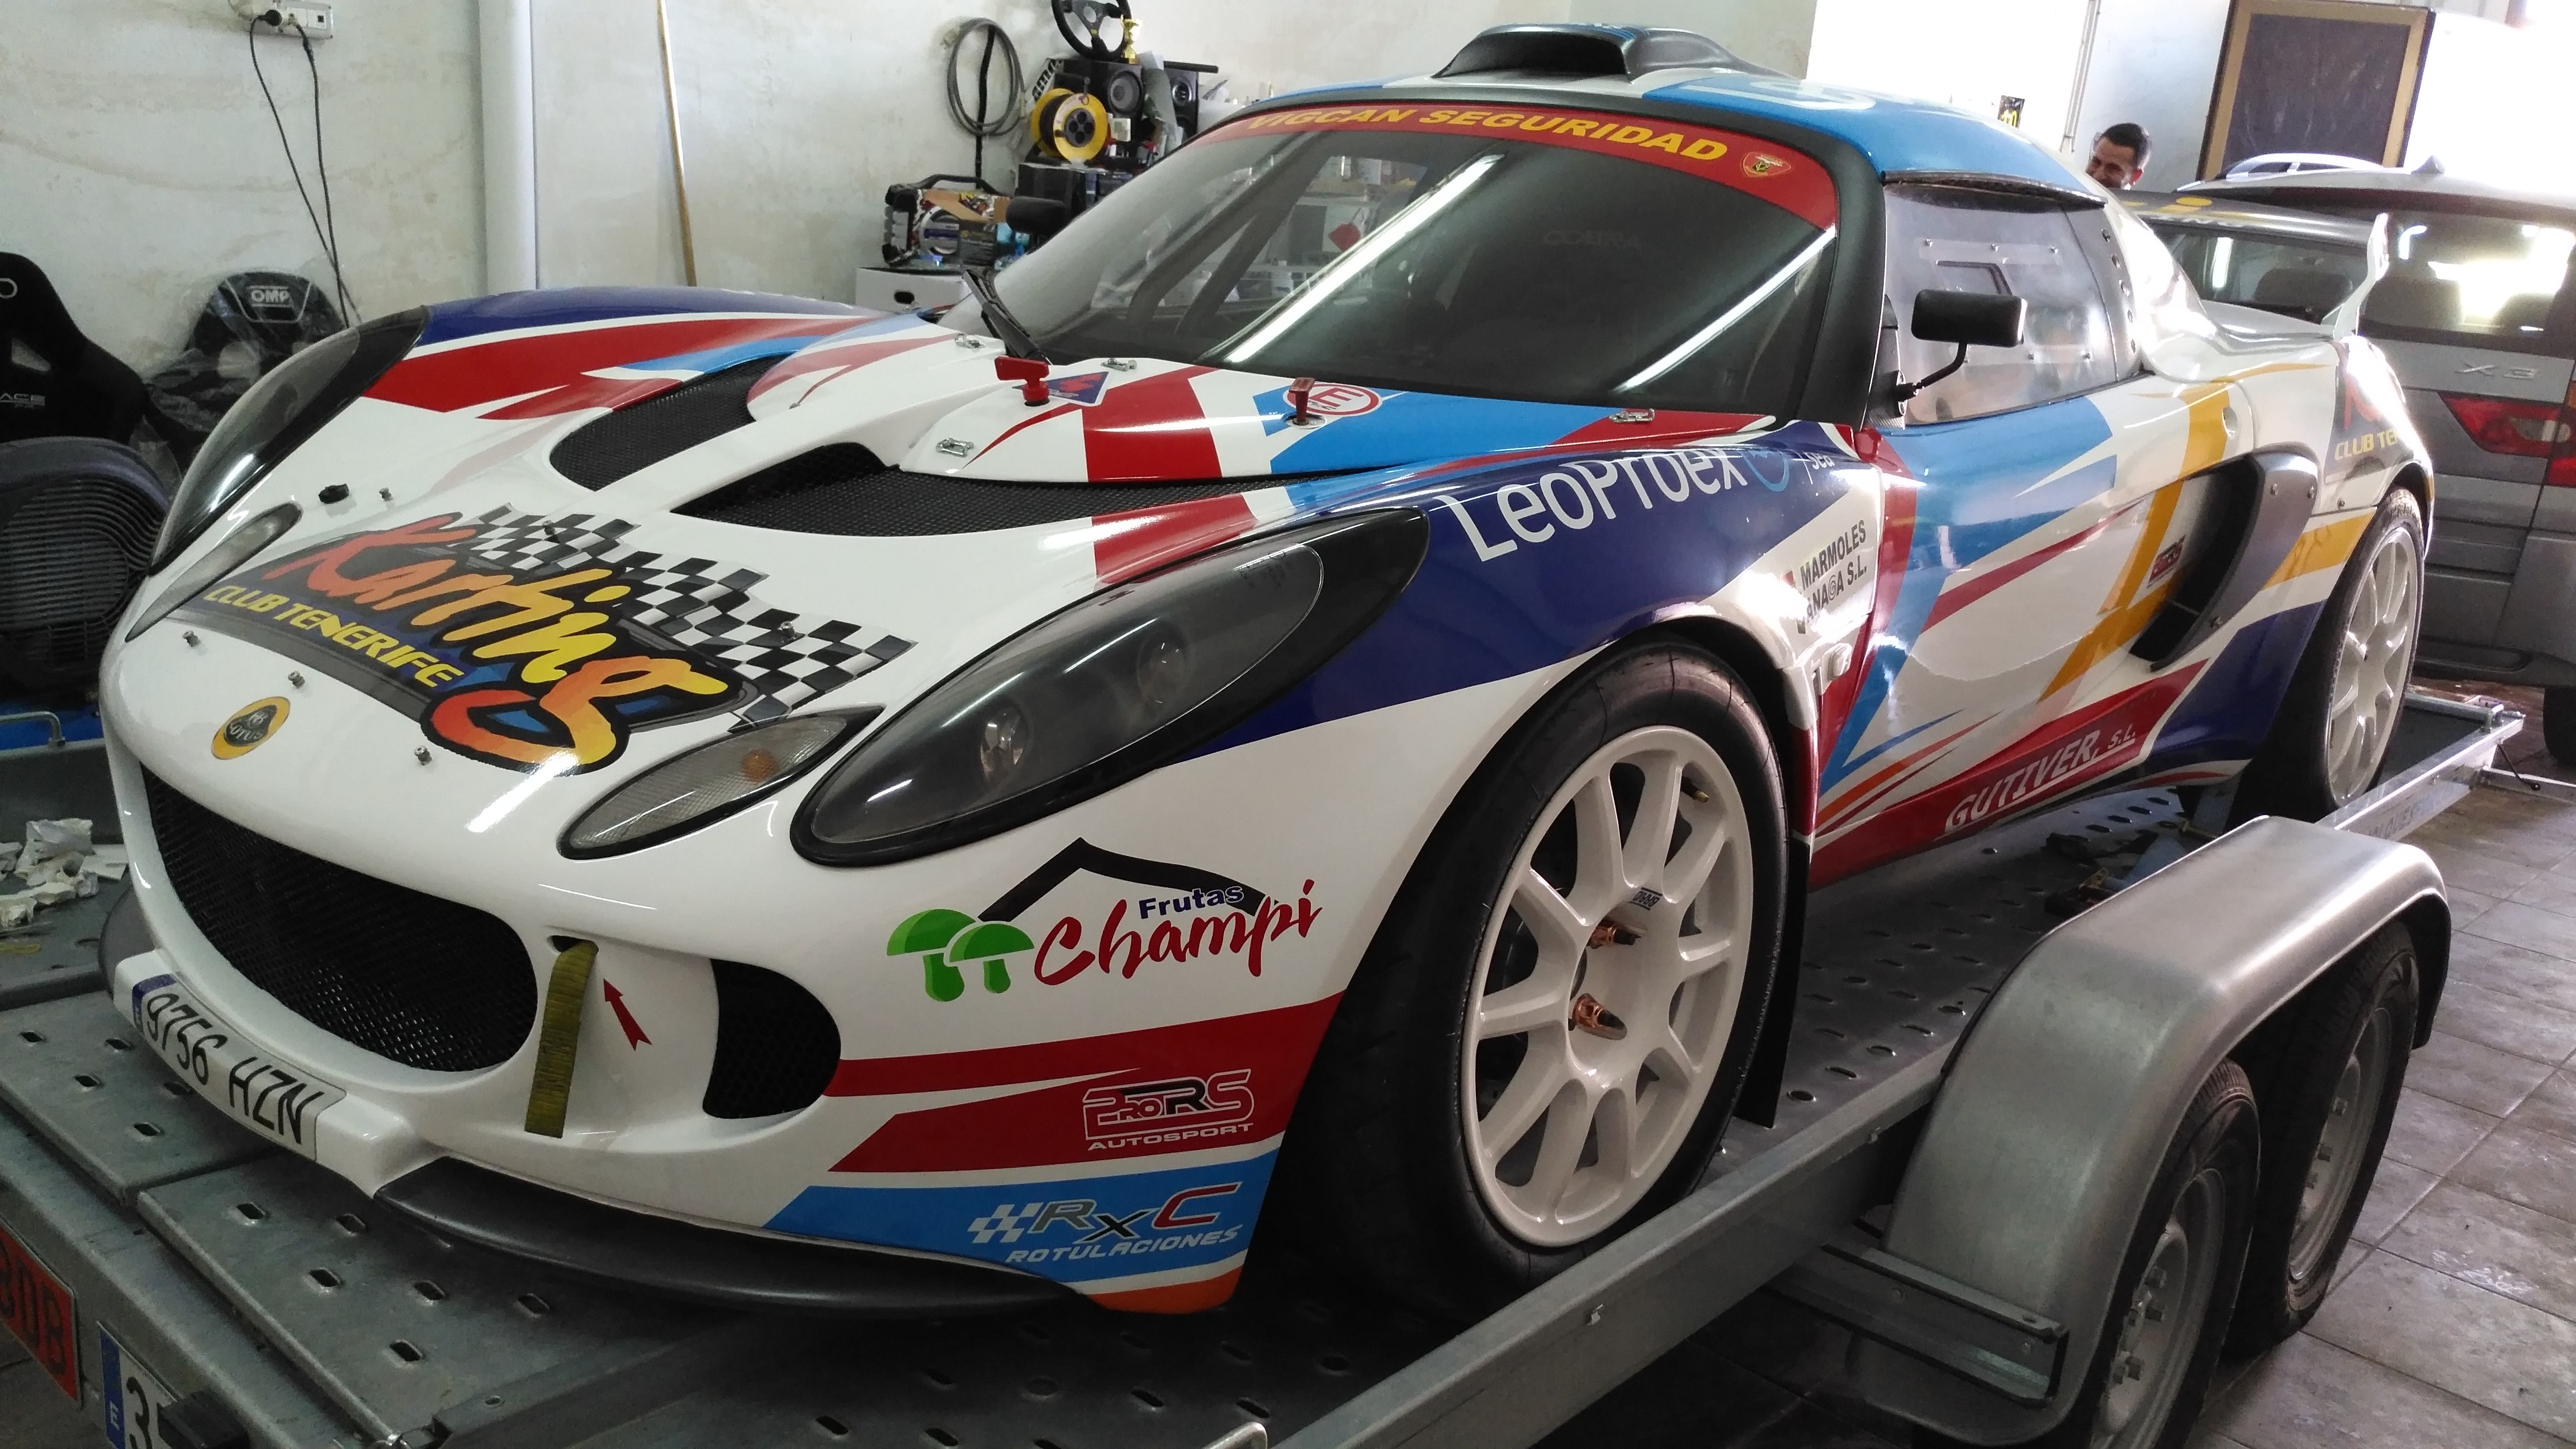 Asientos Tillet B6 - Lotus Exige GT - Neftalí Martín